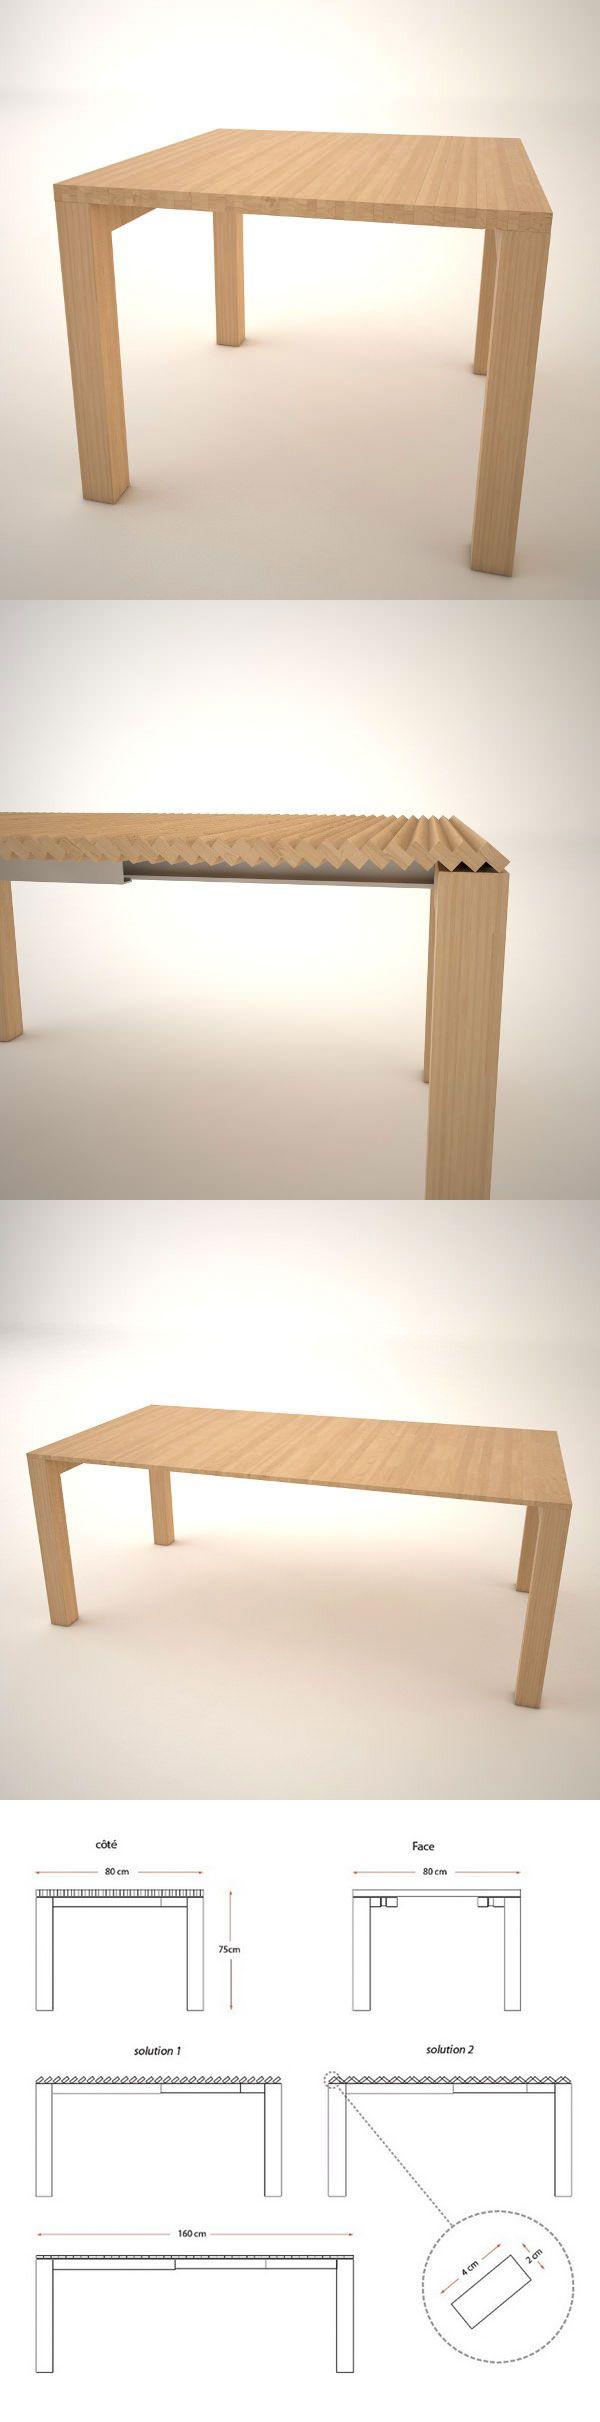 17 meilleures id es propos de table extensible sur pinterest magasins de - Solde table a manger ...